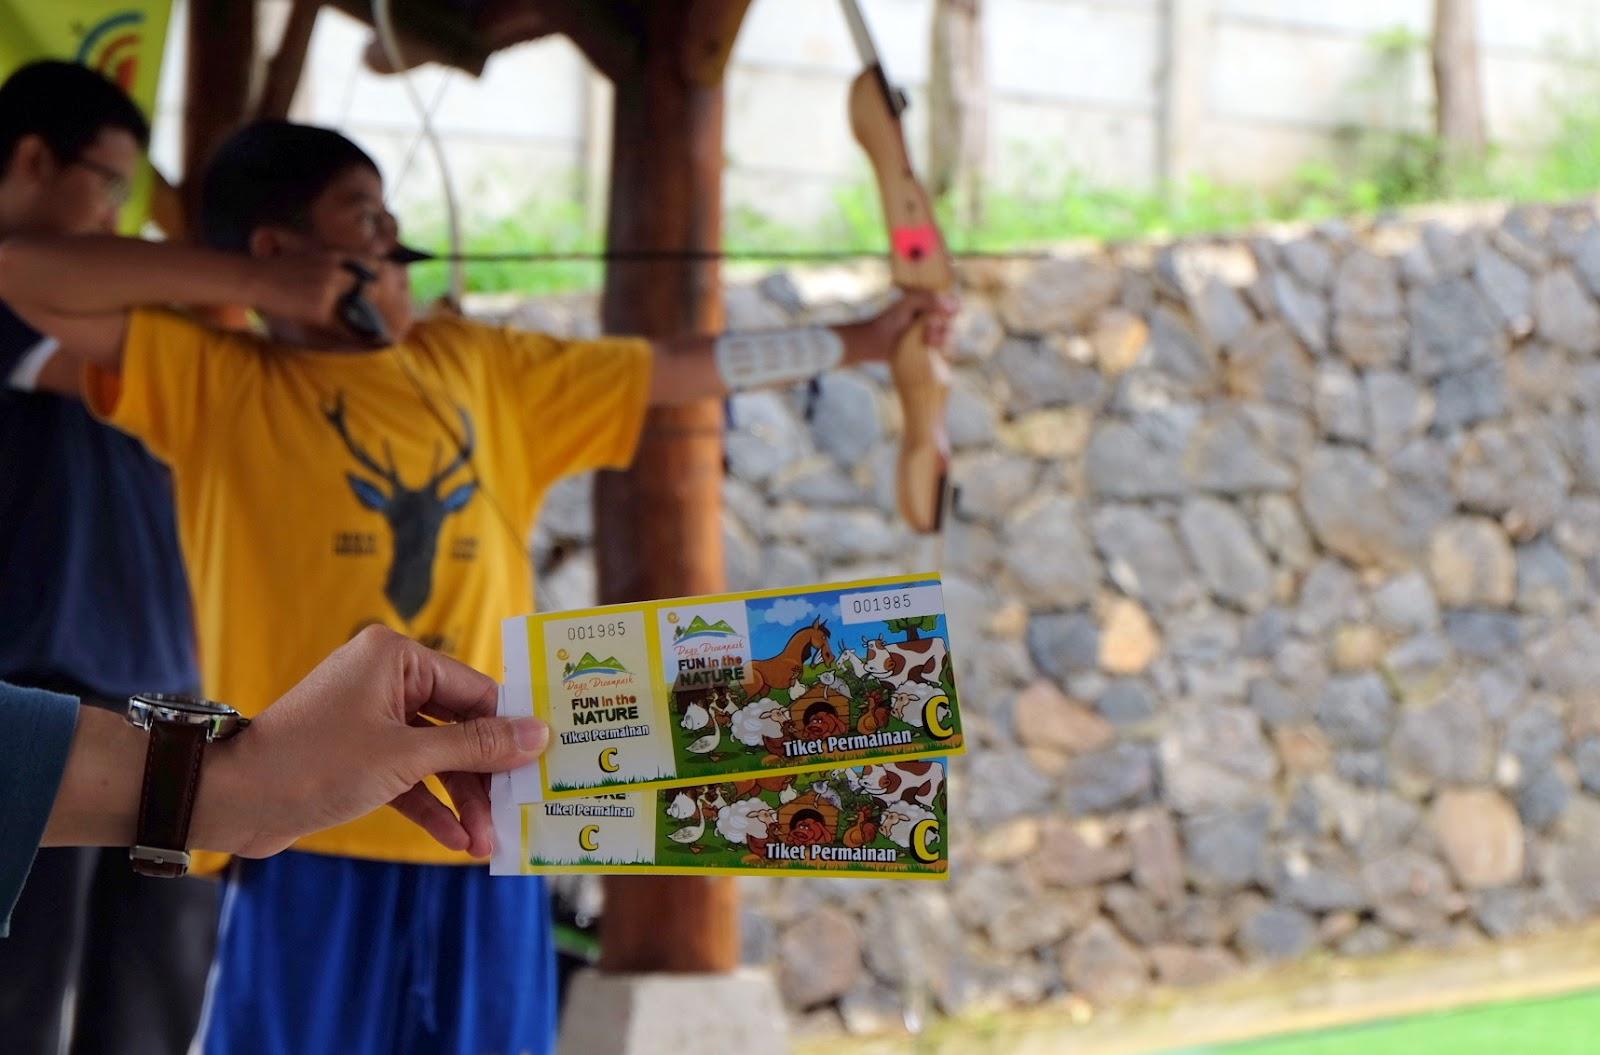 Kiddos Travel Stories Dago Dream Park Liburan Keluarga Seru Di